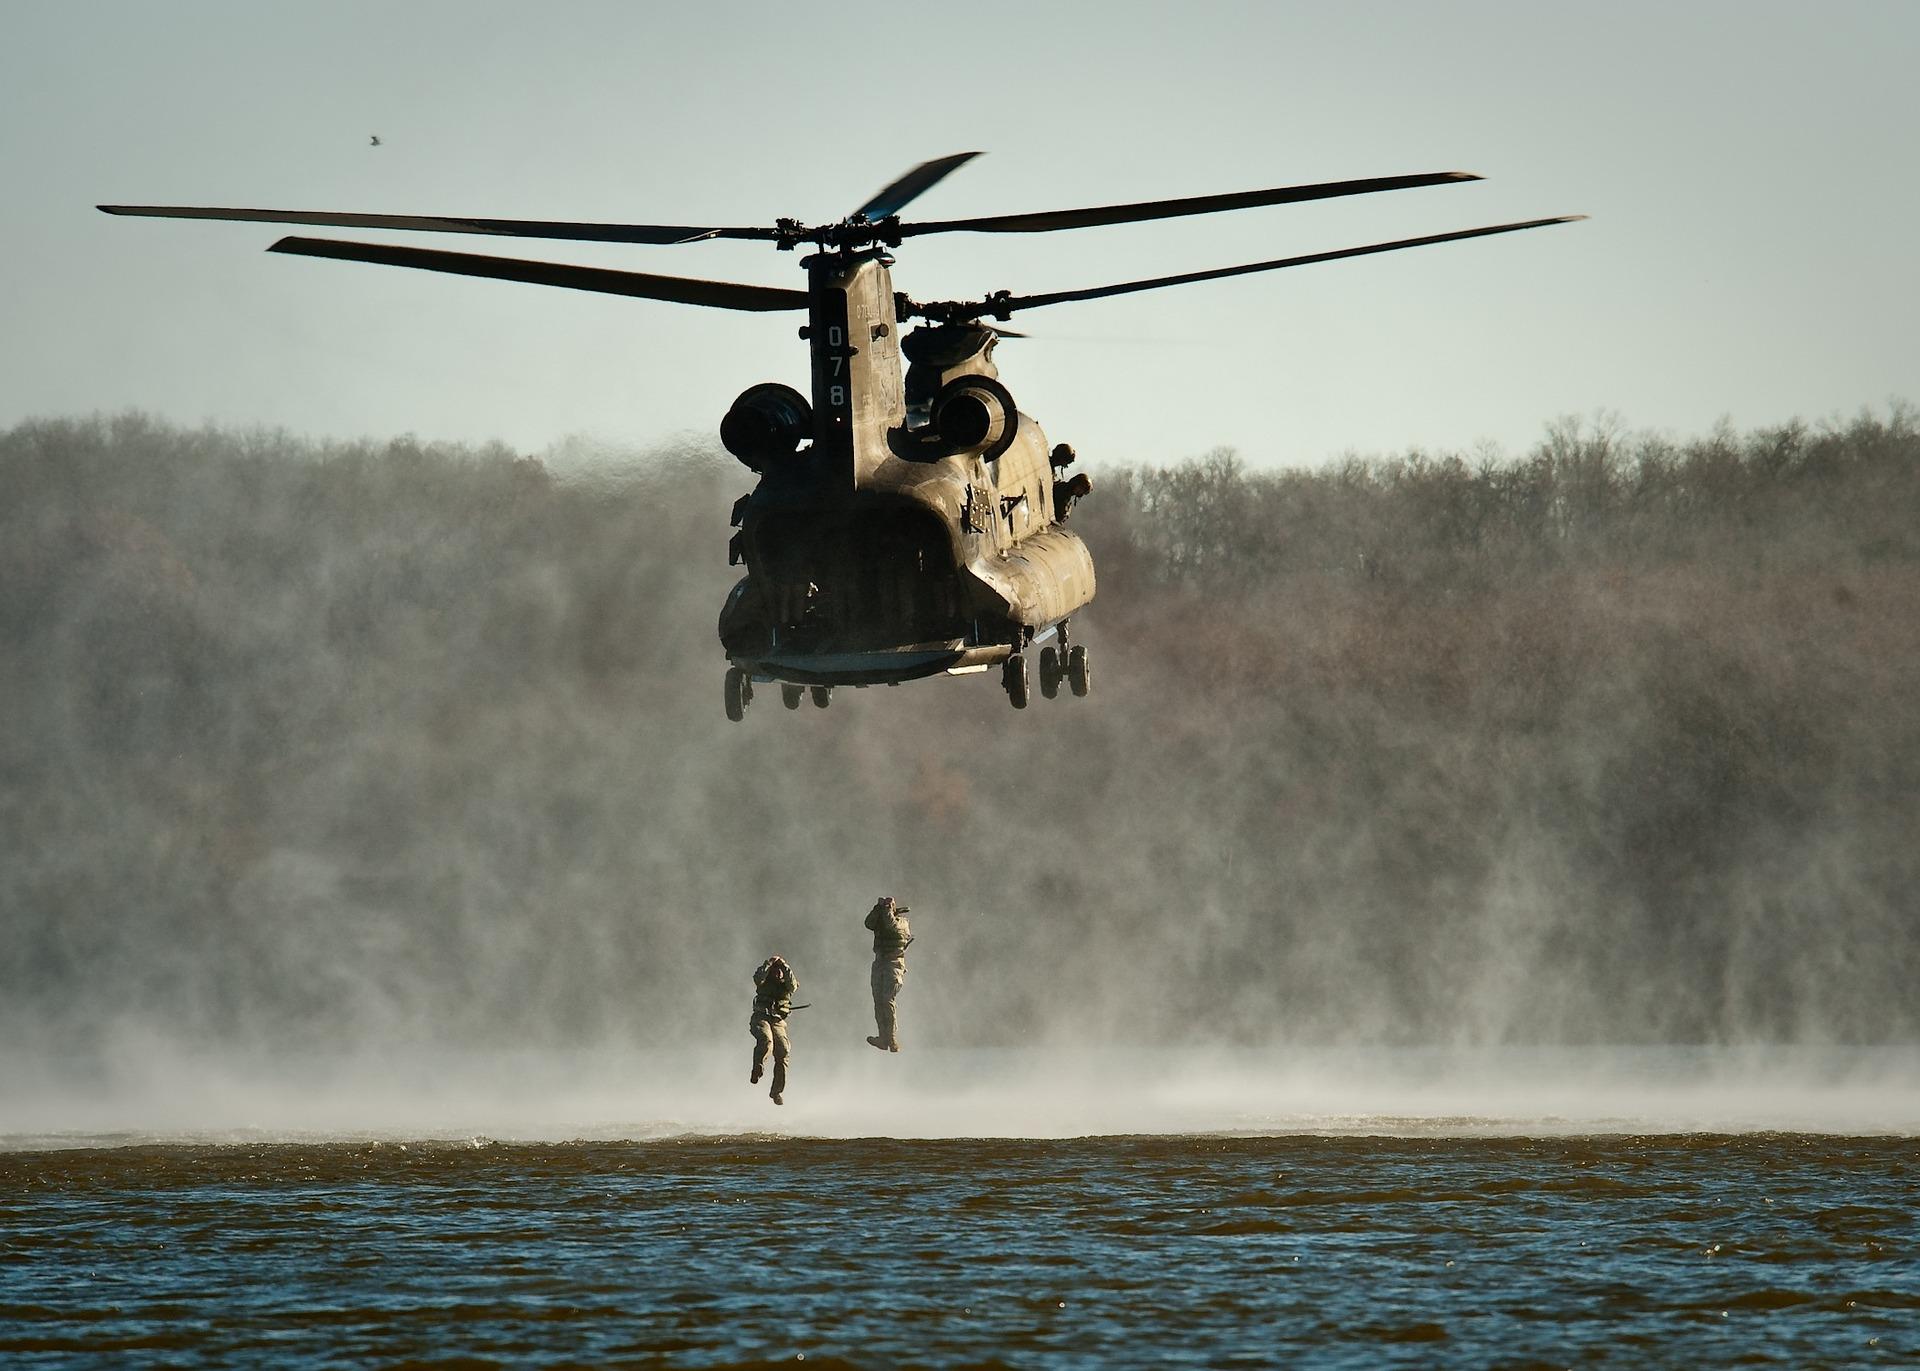 Soldaten spirngen vom Hubschrauber ab